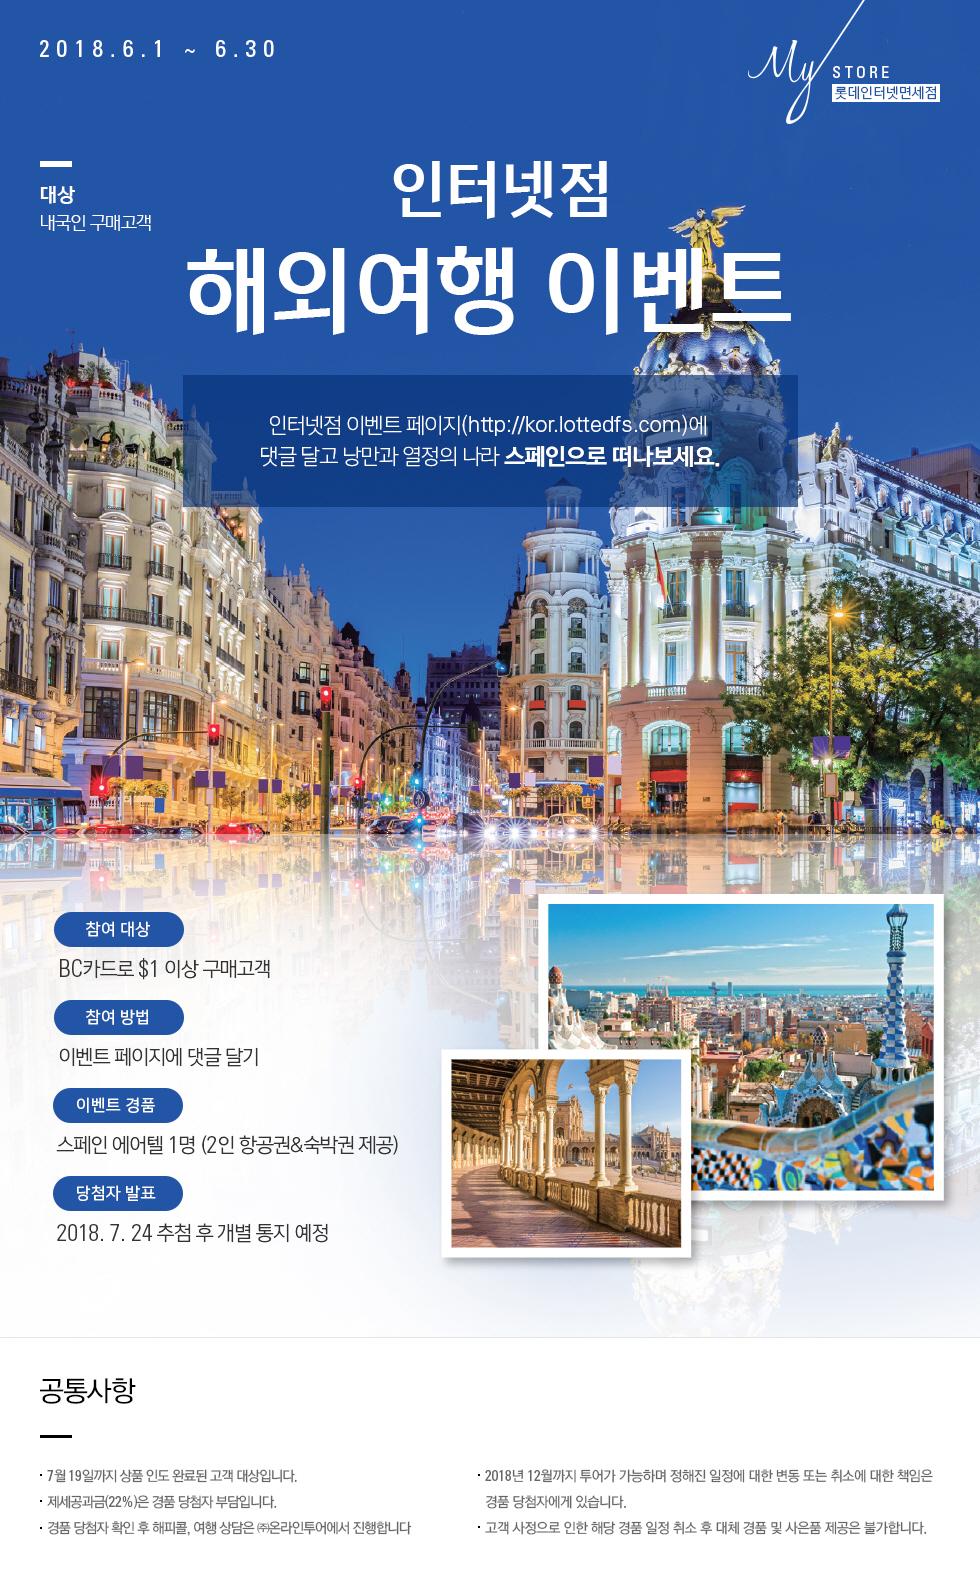 인터넷점 해외여행 이벤트